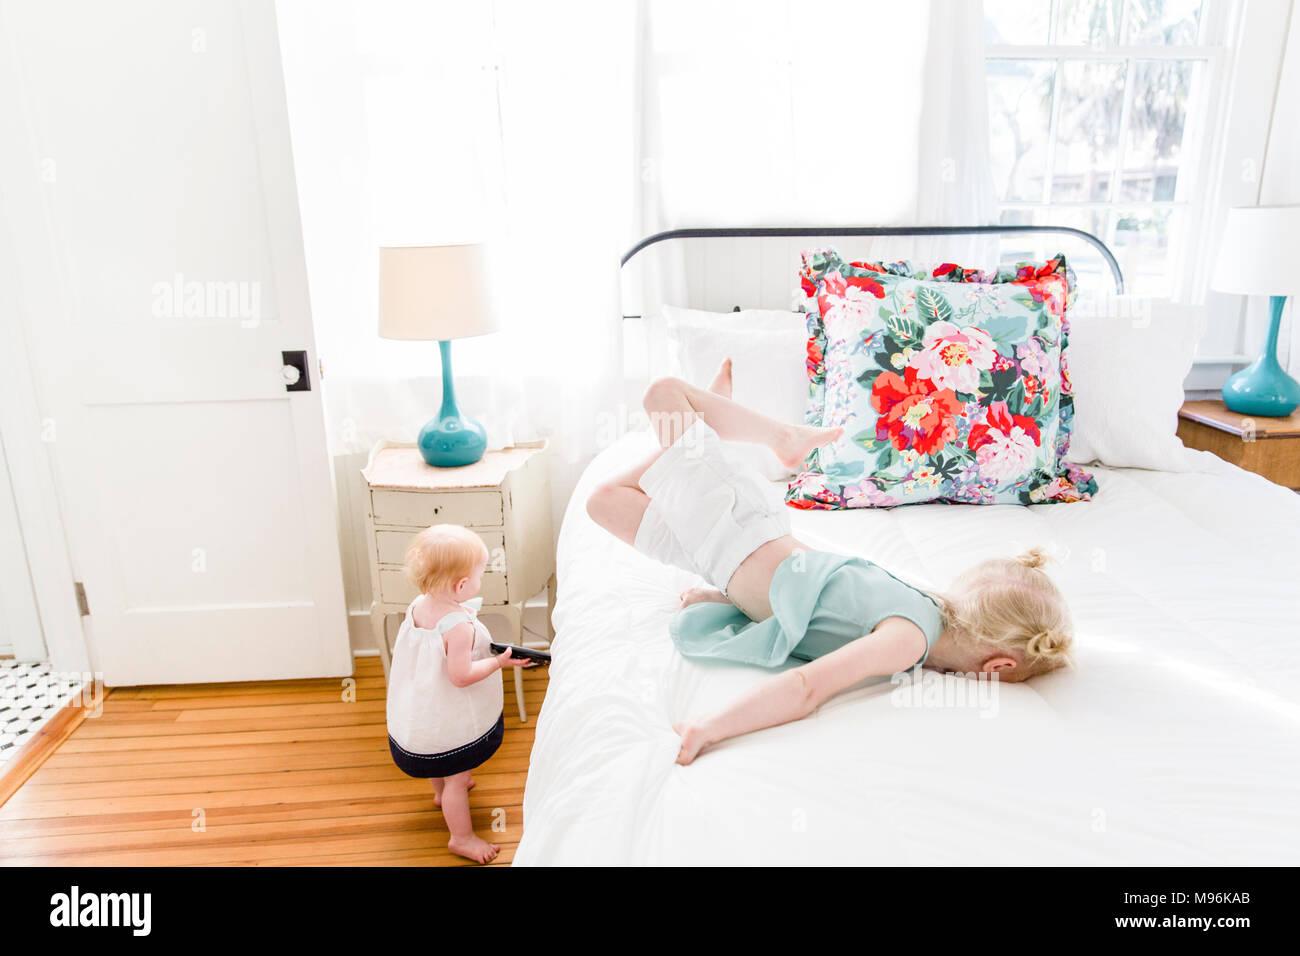 Ragazza la posa sul letto con il bambino al suo fianco Immagini Stock